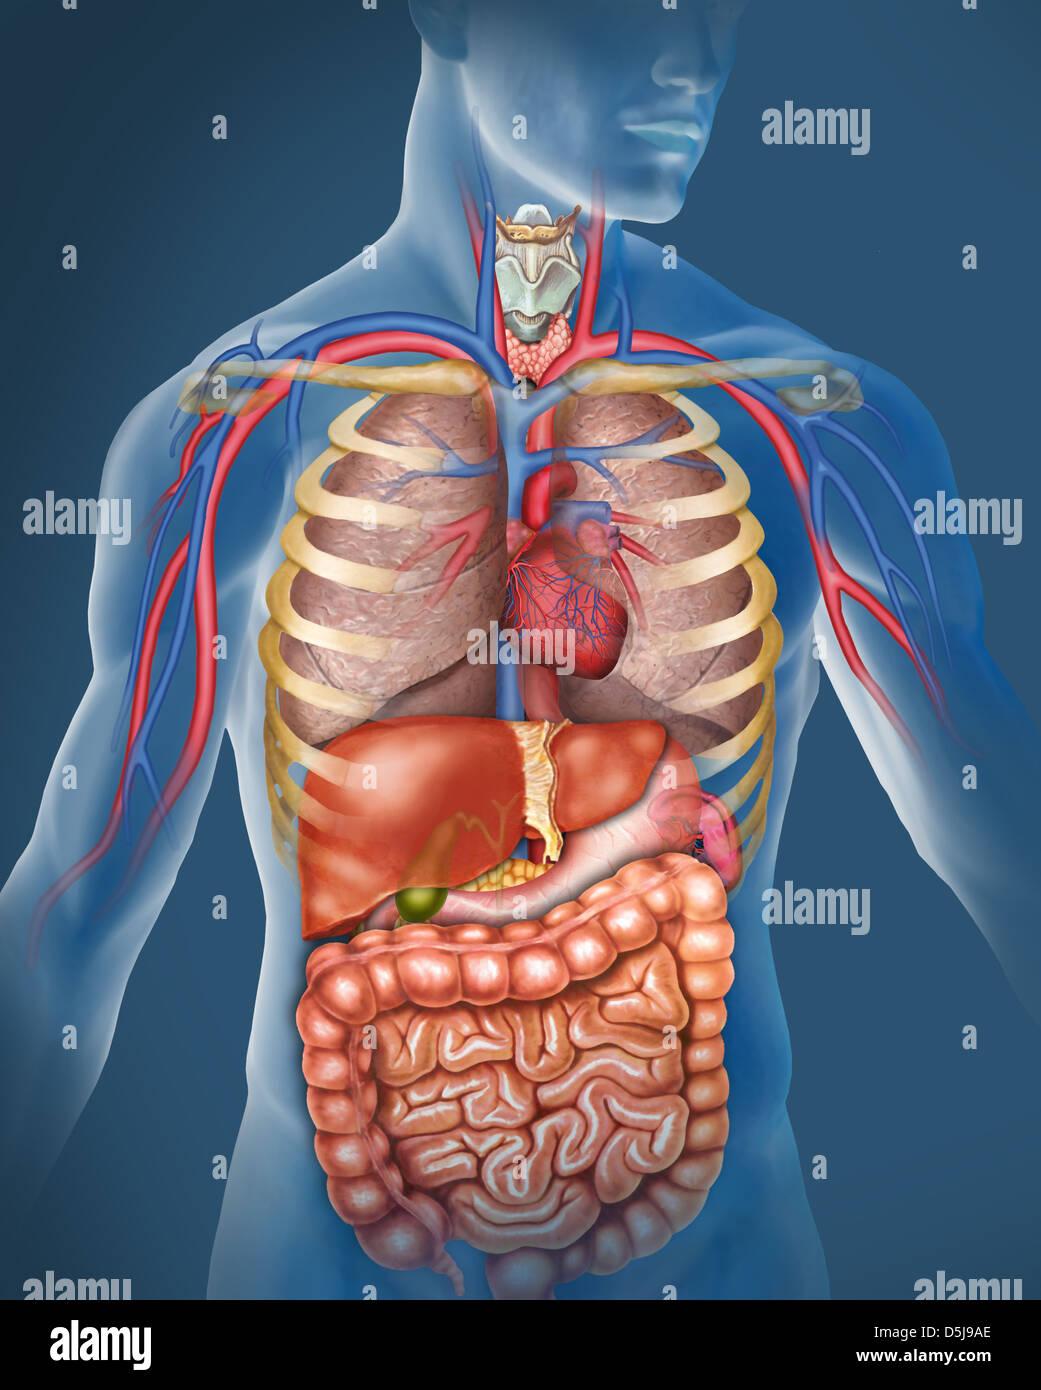 anatomía del cuerpo humano. Ilustración compuesta por el sistema ...